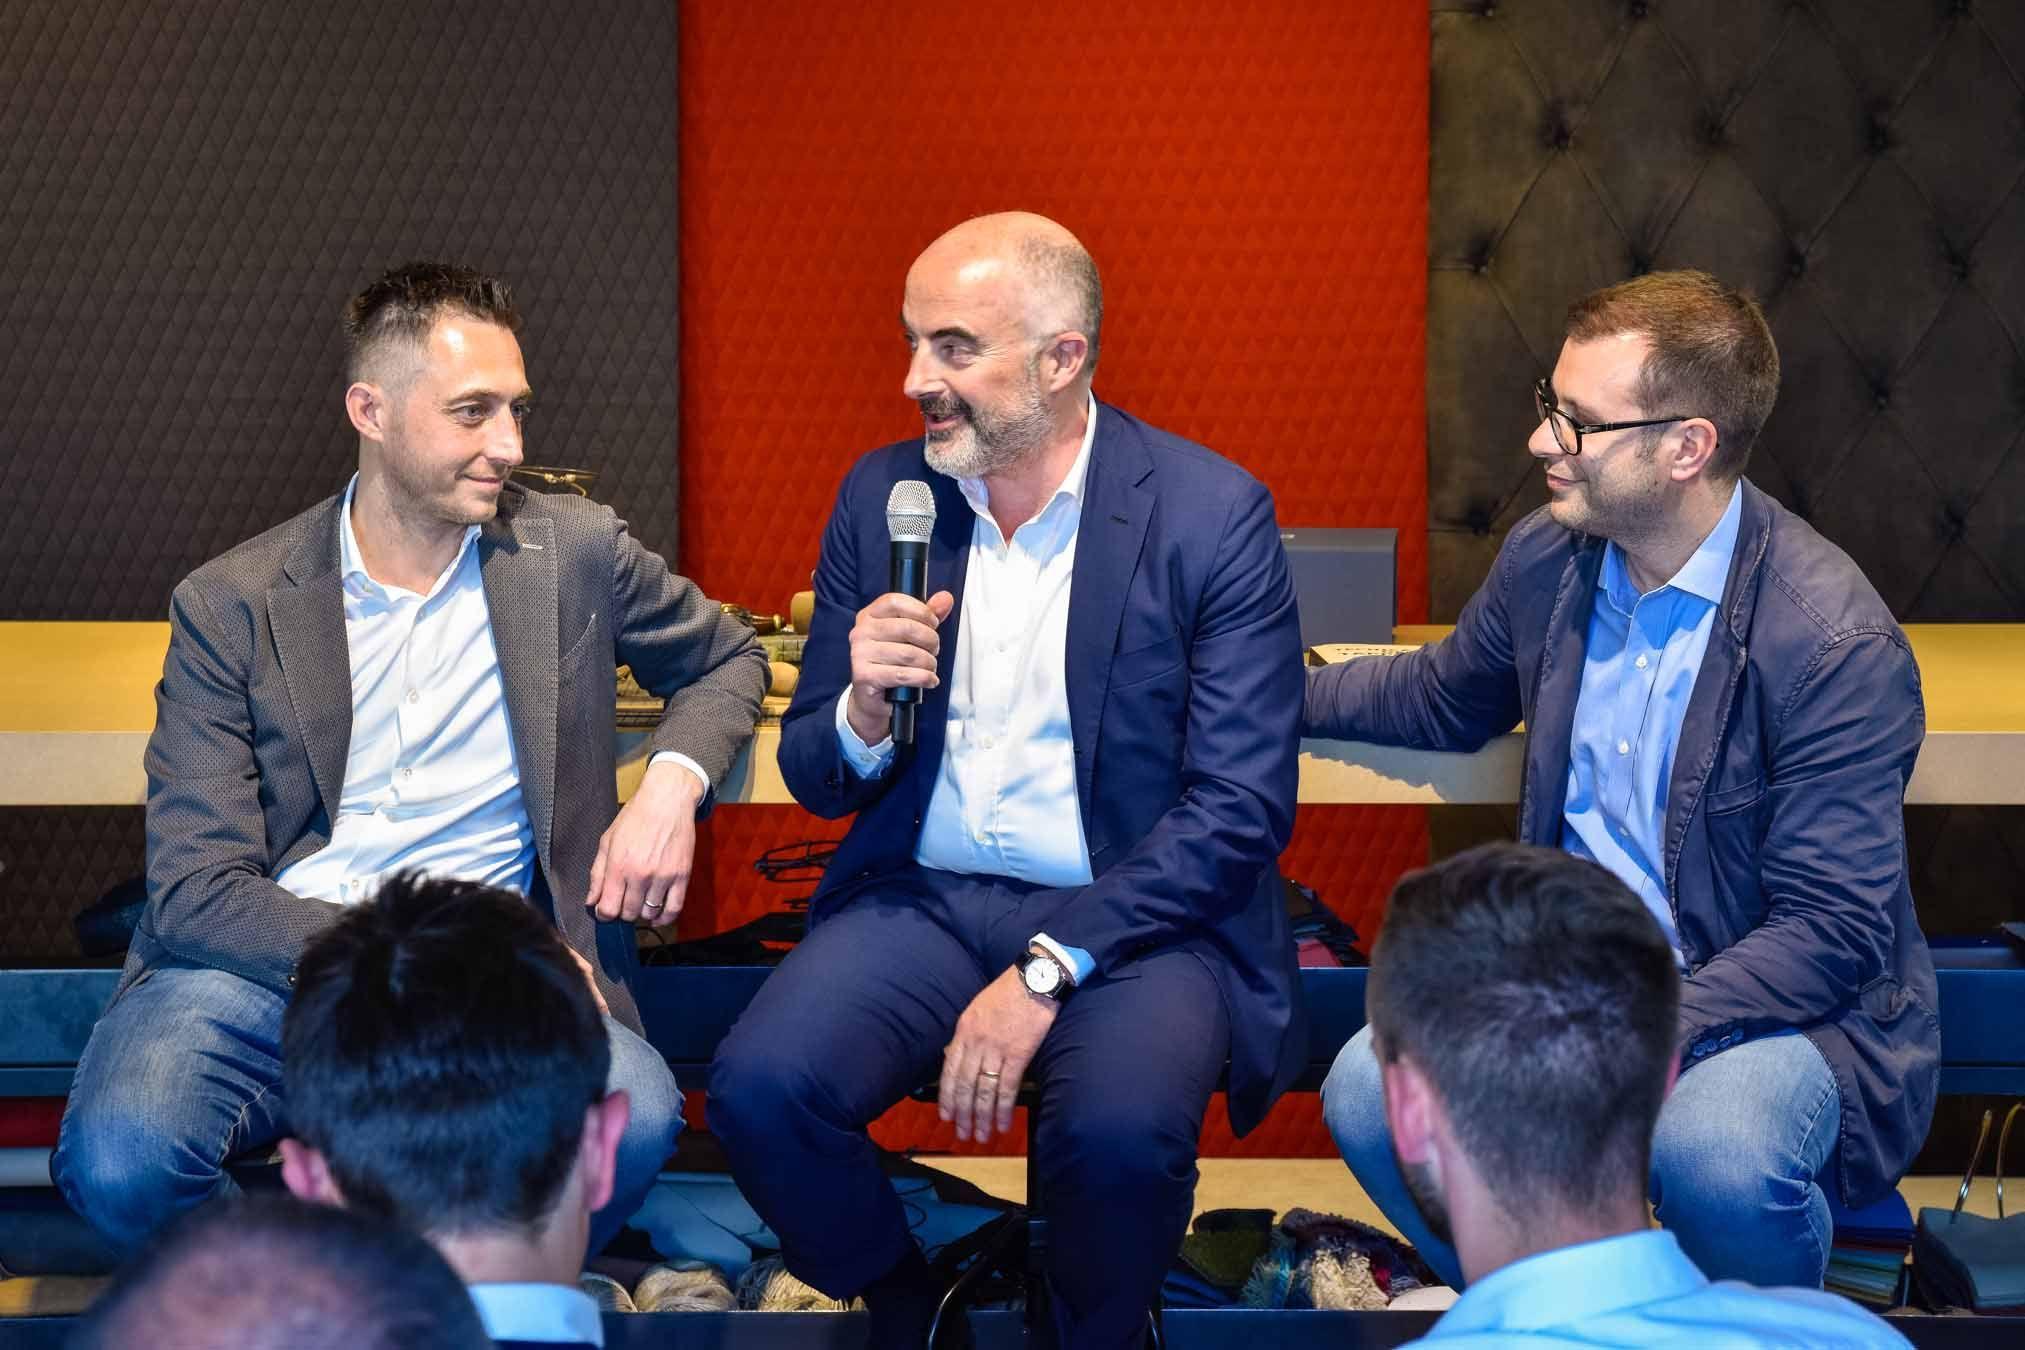 Filippo Berto, Stefano Micelli and Francesco Cancellato in our Showroom in Meda, Brianza